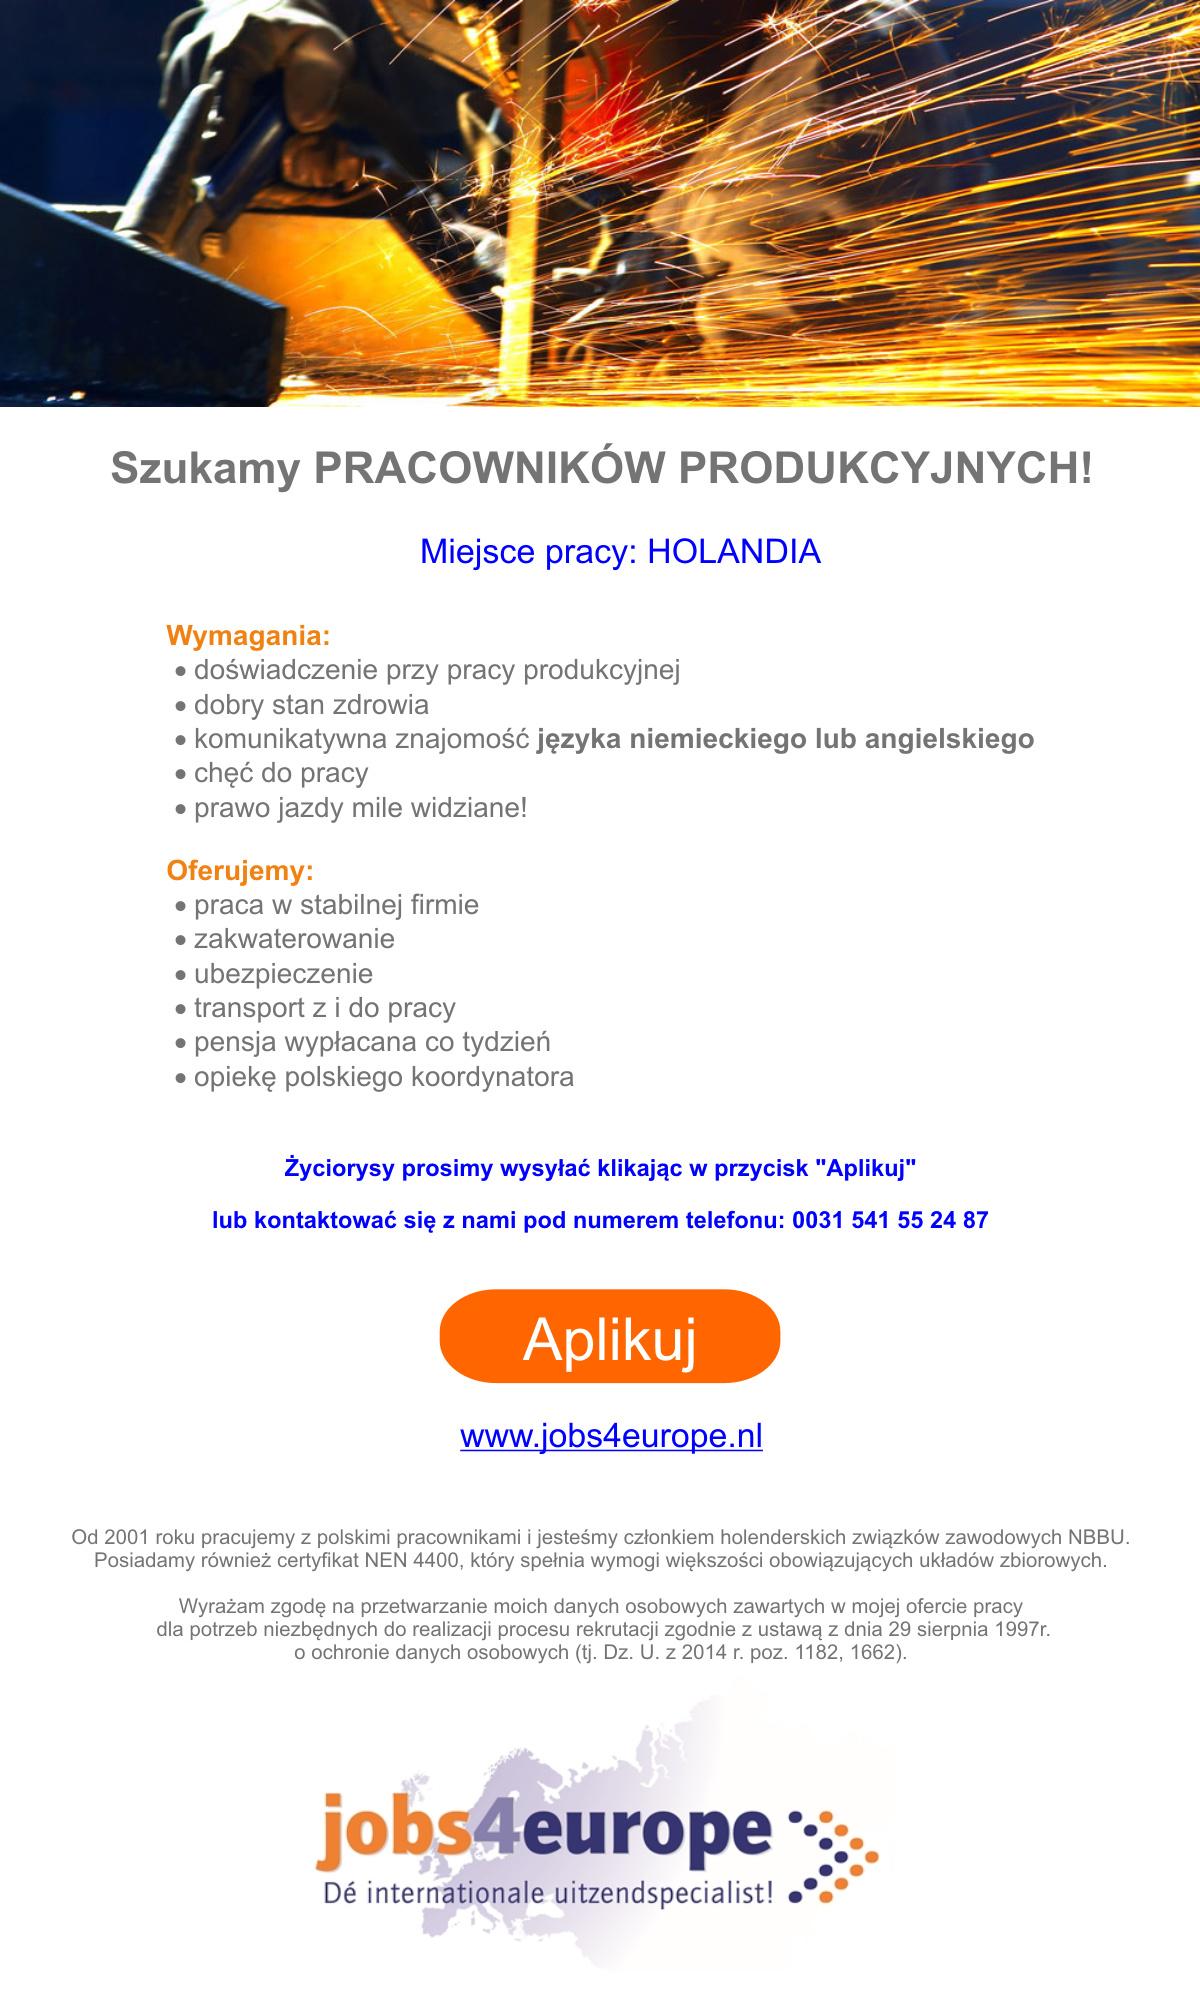 Szukamy PRACOWNIKÓW PRODUKCYJNYCH!   Miejsce pracy: Holandia Wymagania: •doświadczenie przy pracy produkcyjnej •dobry stan zdrowia •komunikatywna znajomość języka niemieckiego lub angielskiego •chęć do pracy •prawo jazdy mile widziane! Oferujemy: •praca w stabilnej firmie •zakwaterowanie •ubezpieczenie •transport z i do pracy •pensja wypłacana co tydzień •opiekę polskiego koordynatora Życiorysy prosimy wysyłać klikając w przycisk aplikowania   lub kontaktować się z nami pod numerem telefonu: 0031 541 55 24 87